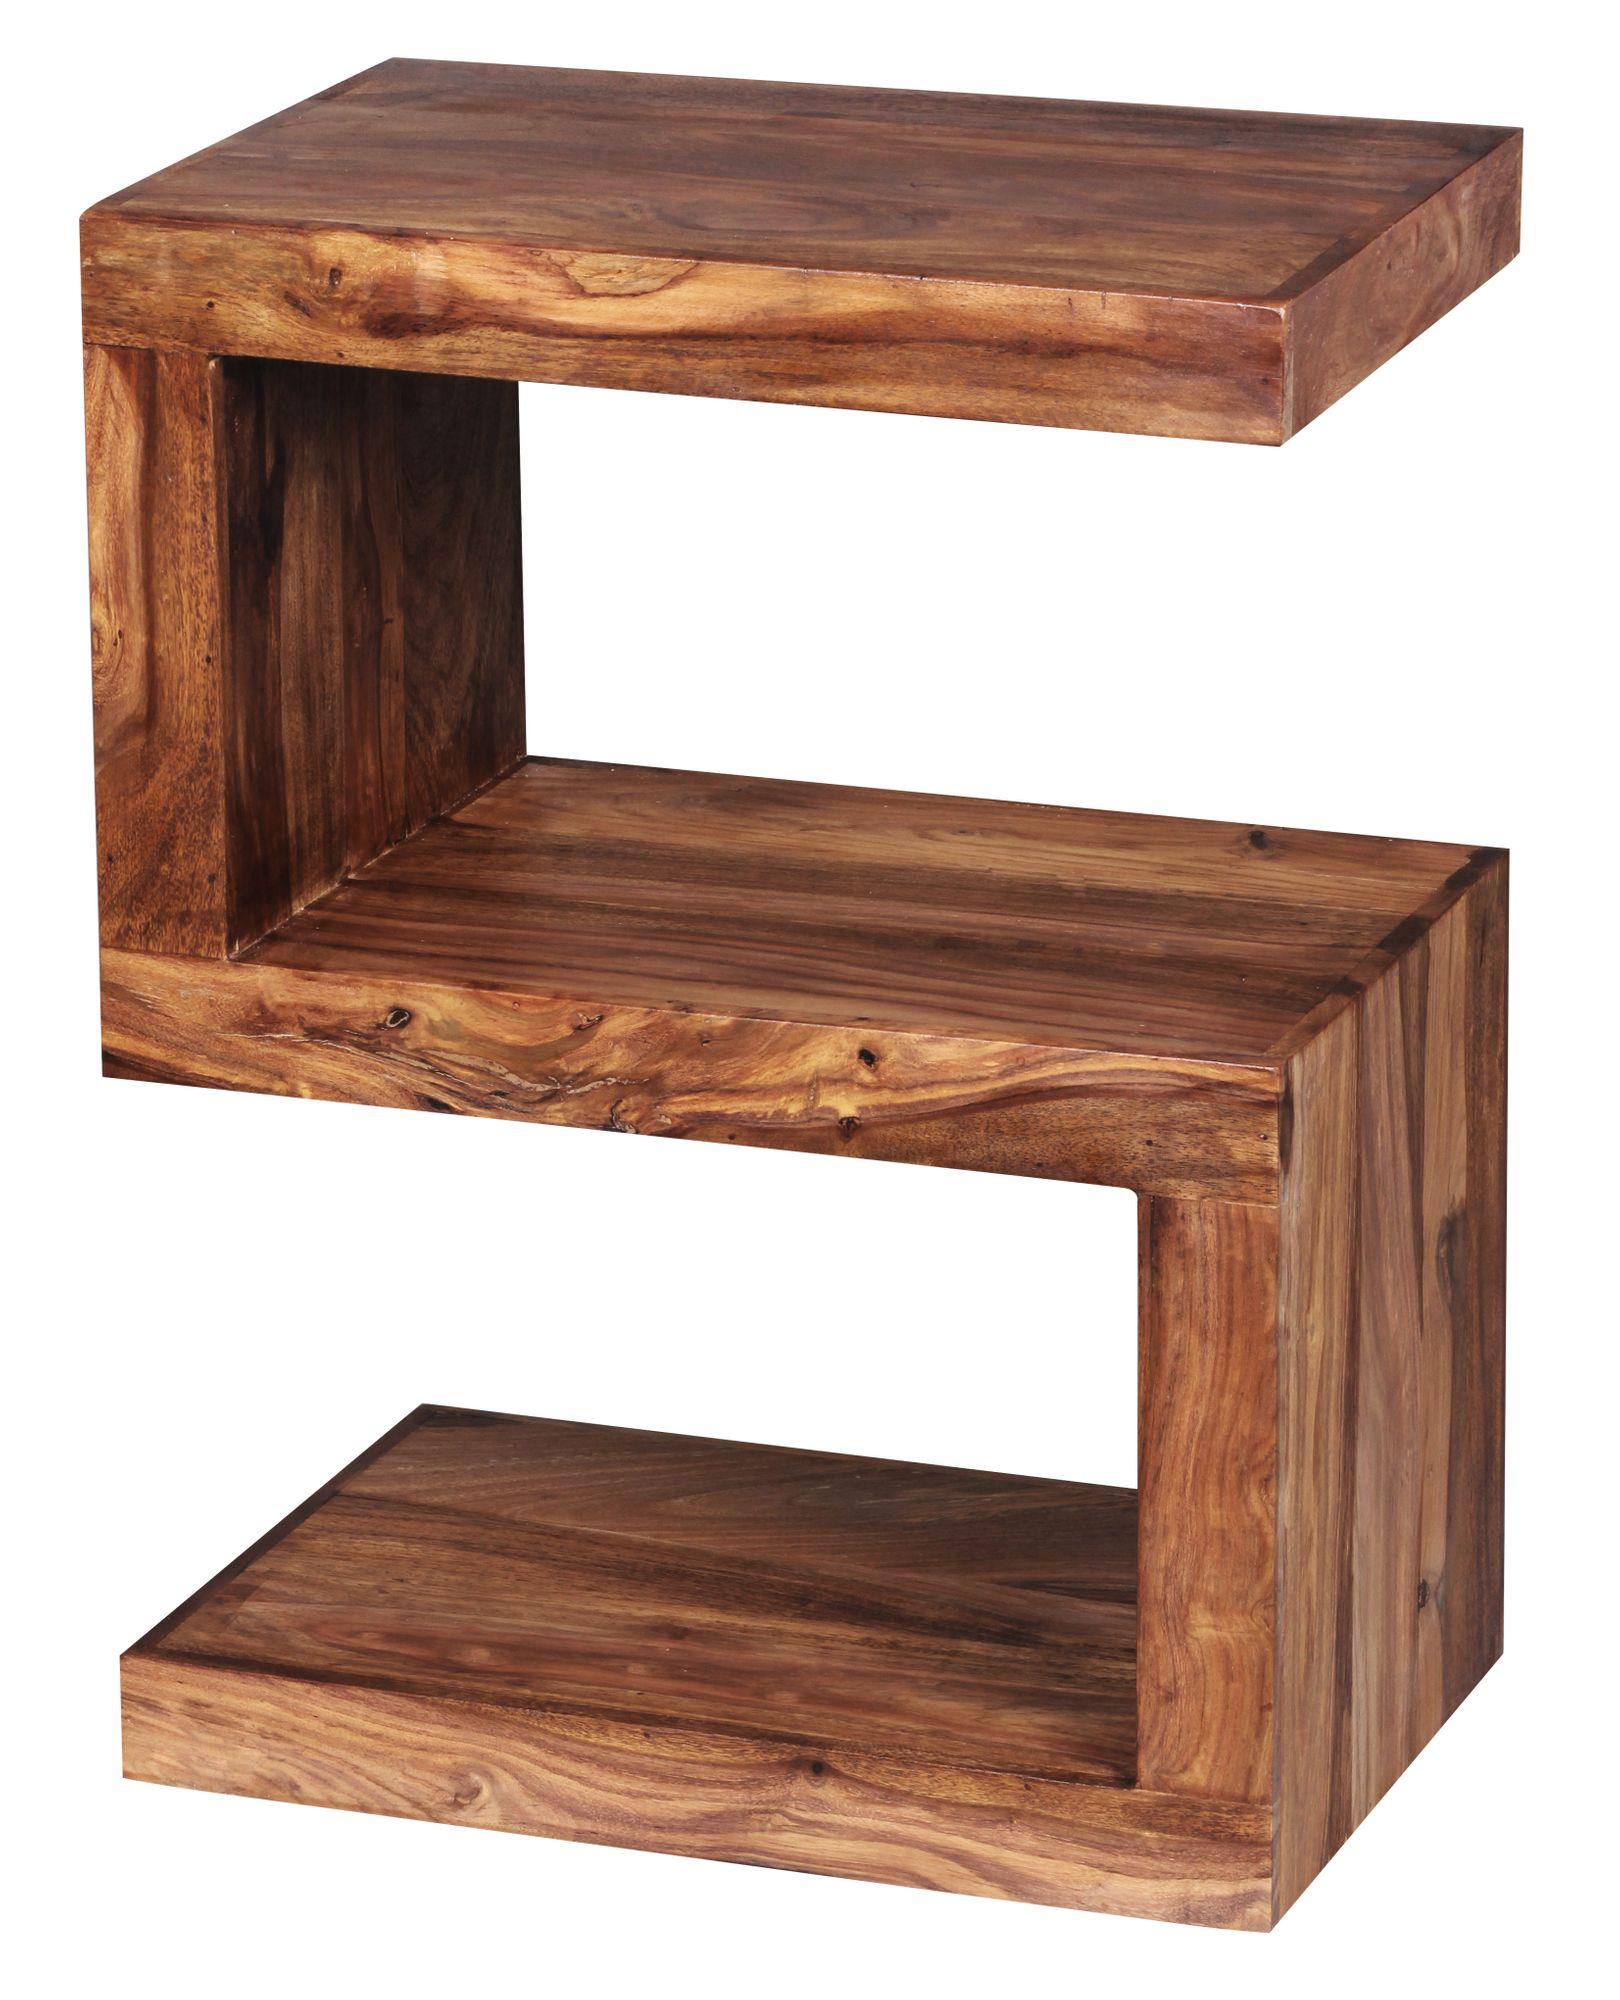 Finebuy Beistelltisch Massiv Ablage Akazie 60 Cm Holz Regal